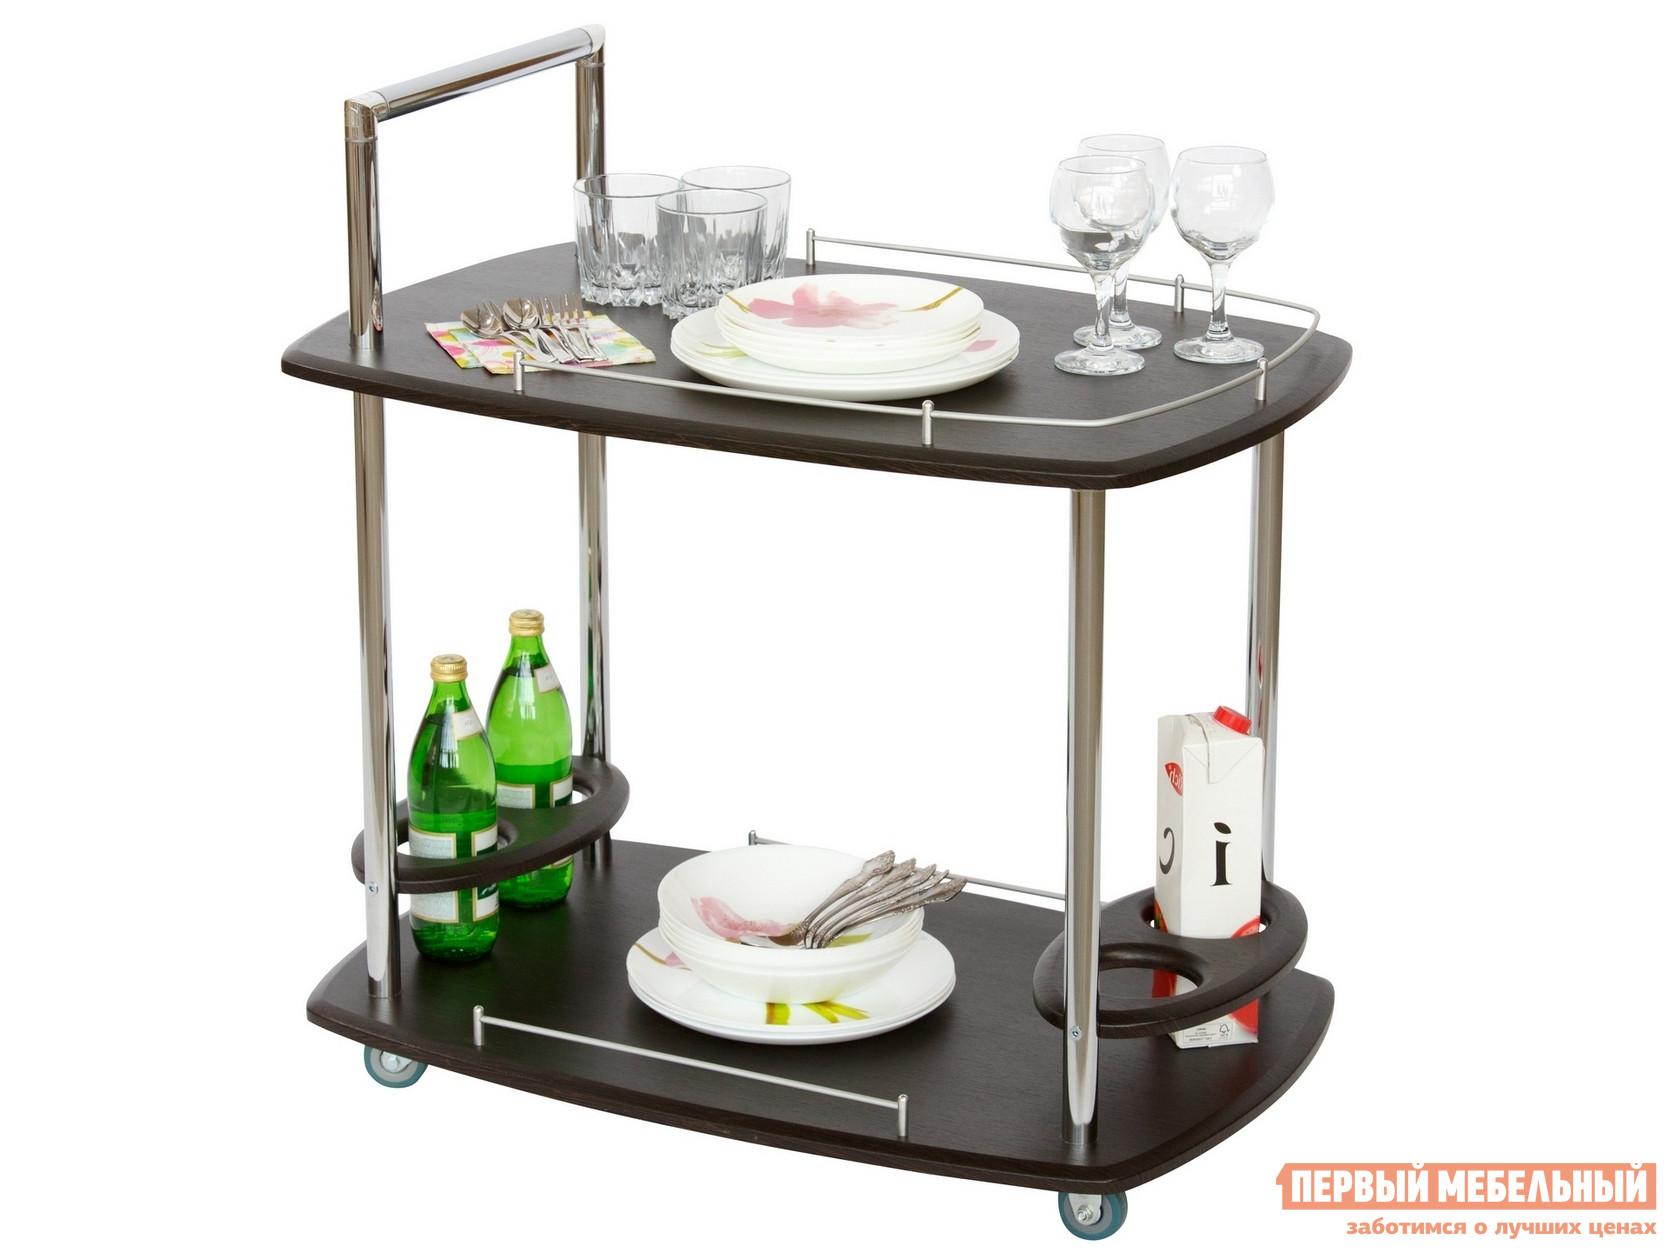 Сервировочный столик ТАЛАНТ Стол сервировочный Банкет